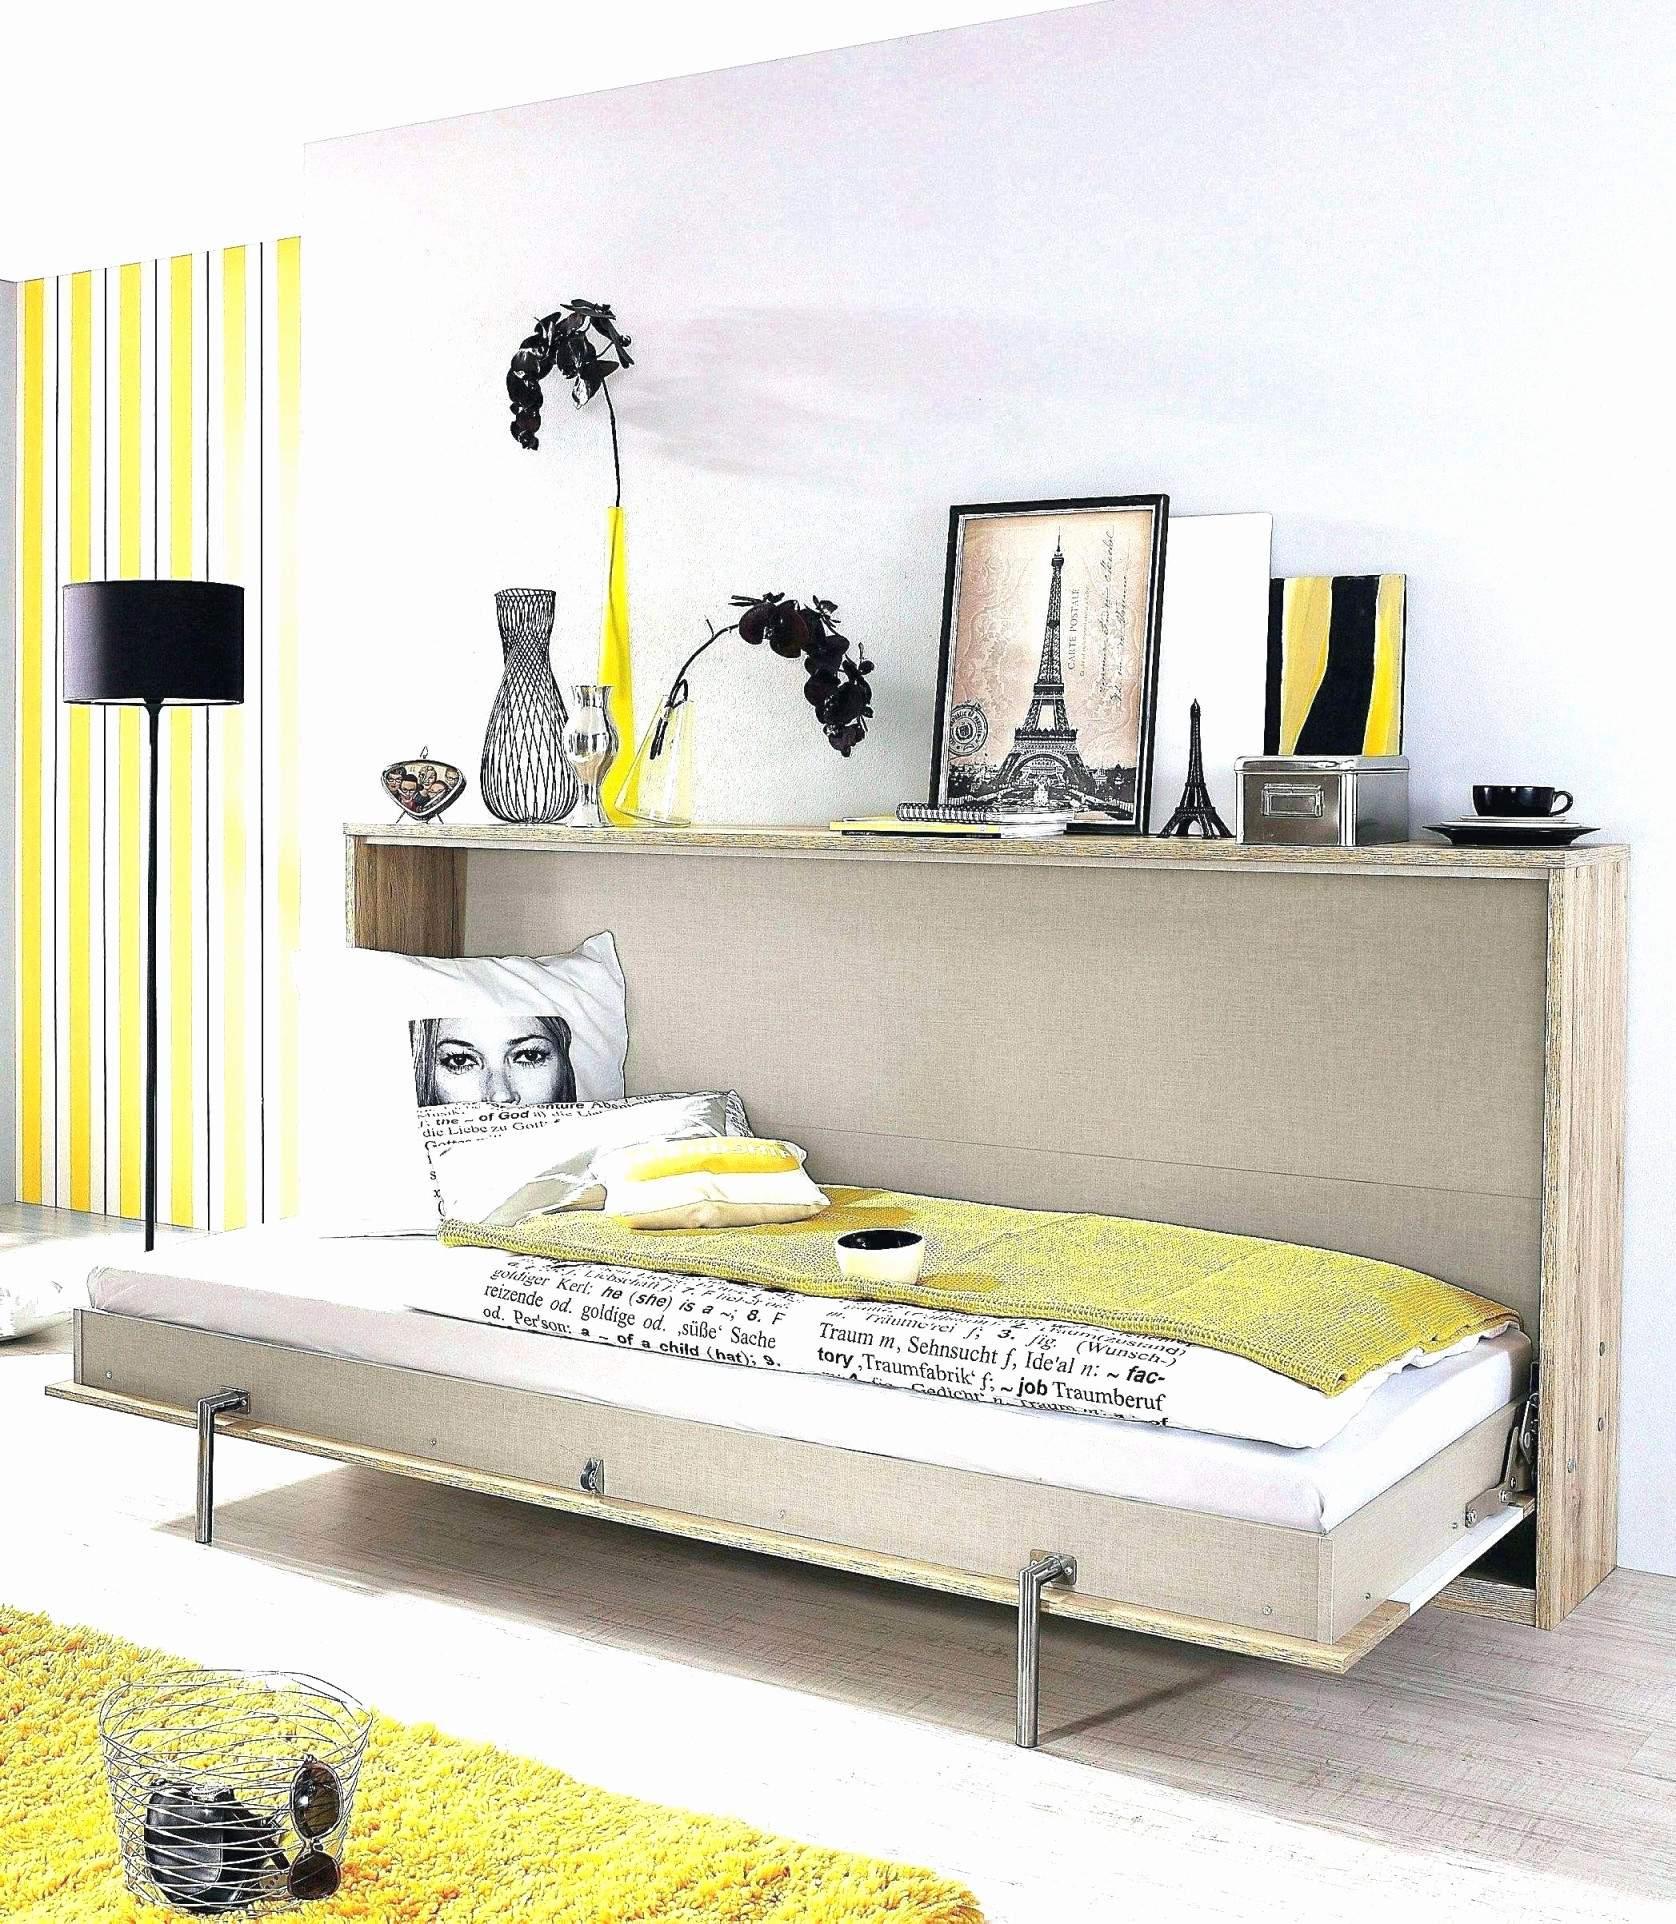 ikea besta wohnzimmer einzigartig schlafzimmer bank ikea reizend sitzbank vorm bett neu of ikea besta wohnzimmer